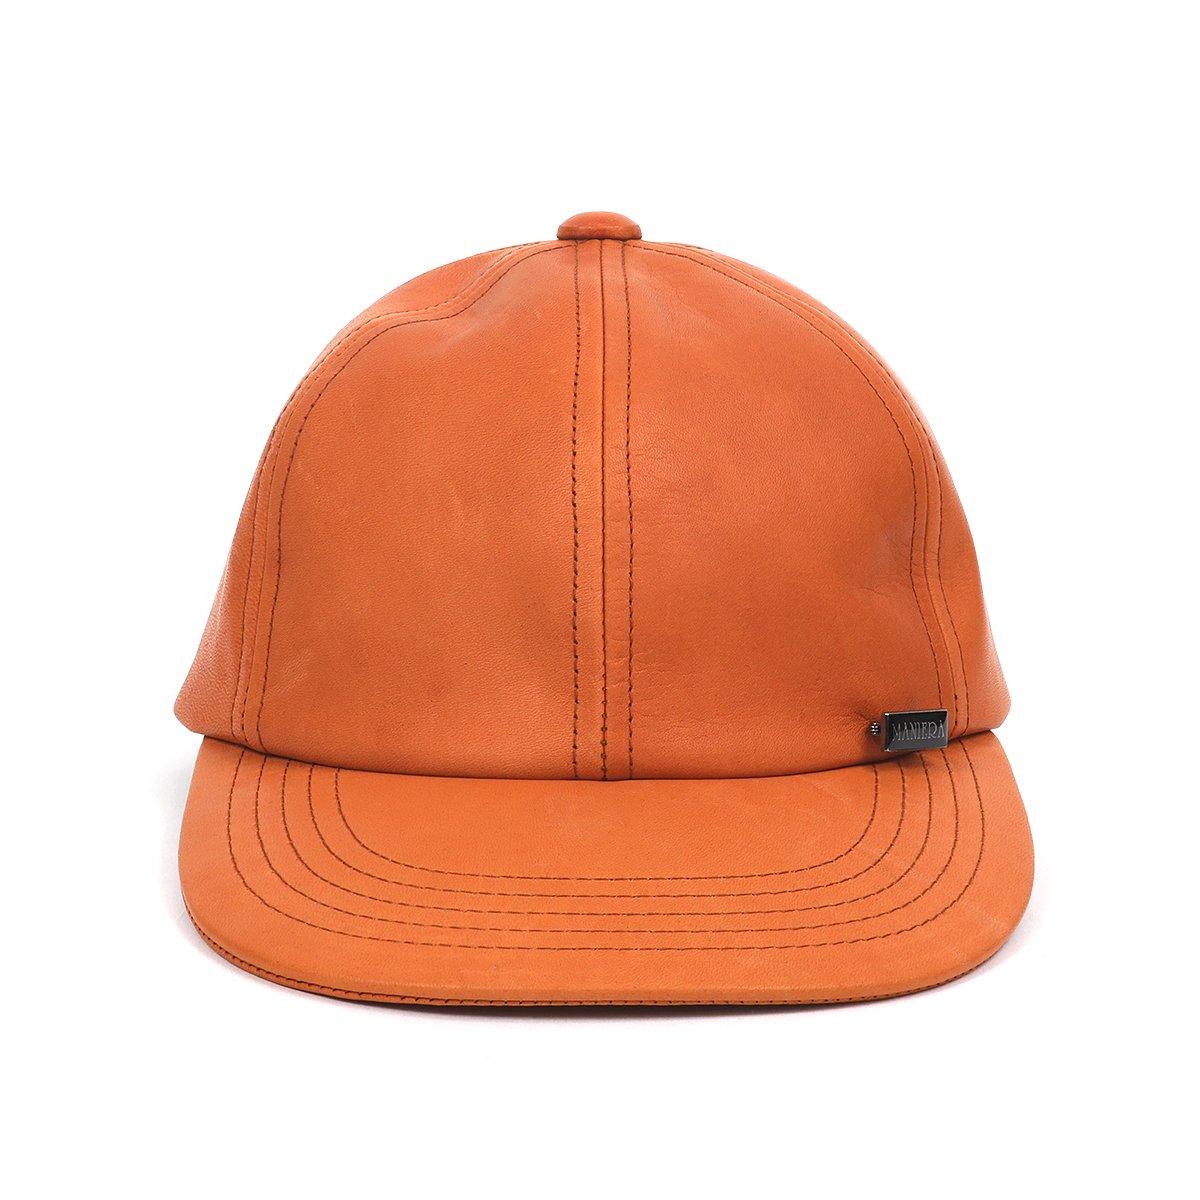 【SALE】LEATHER CAP 詳細画像3